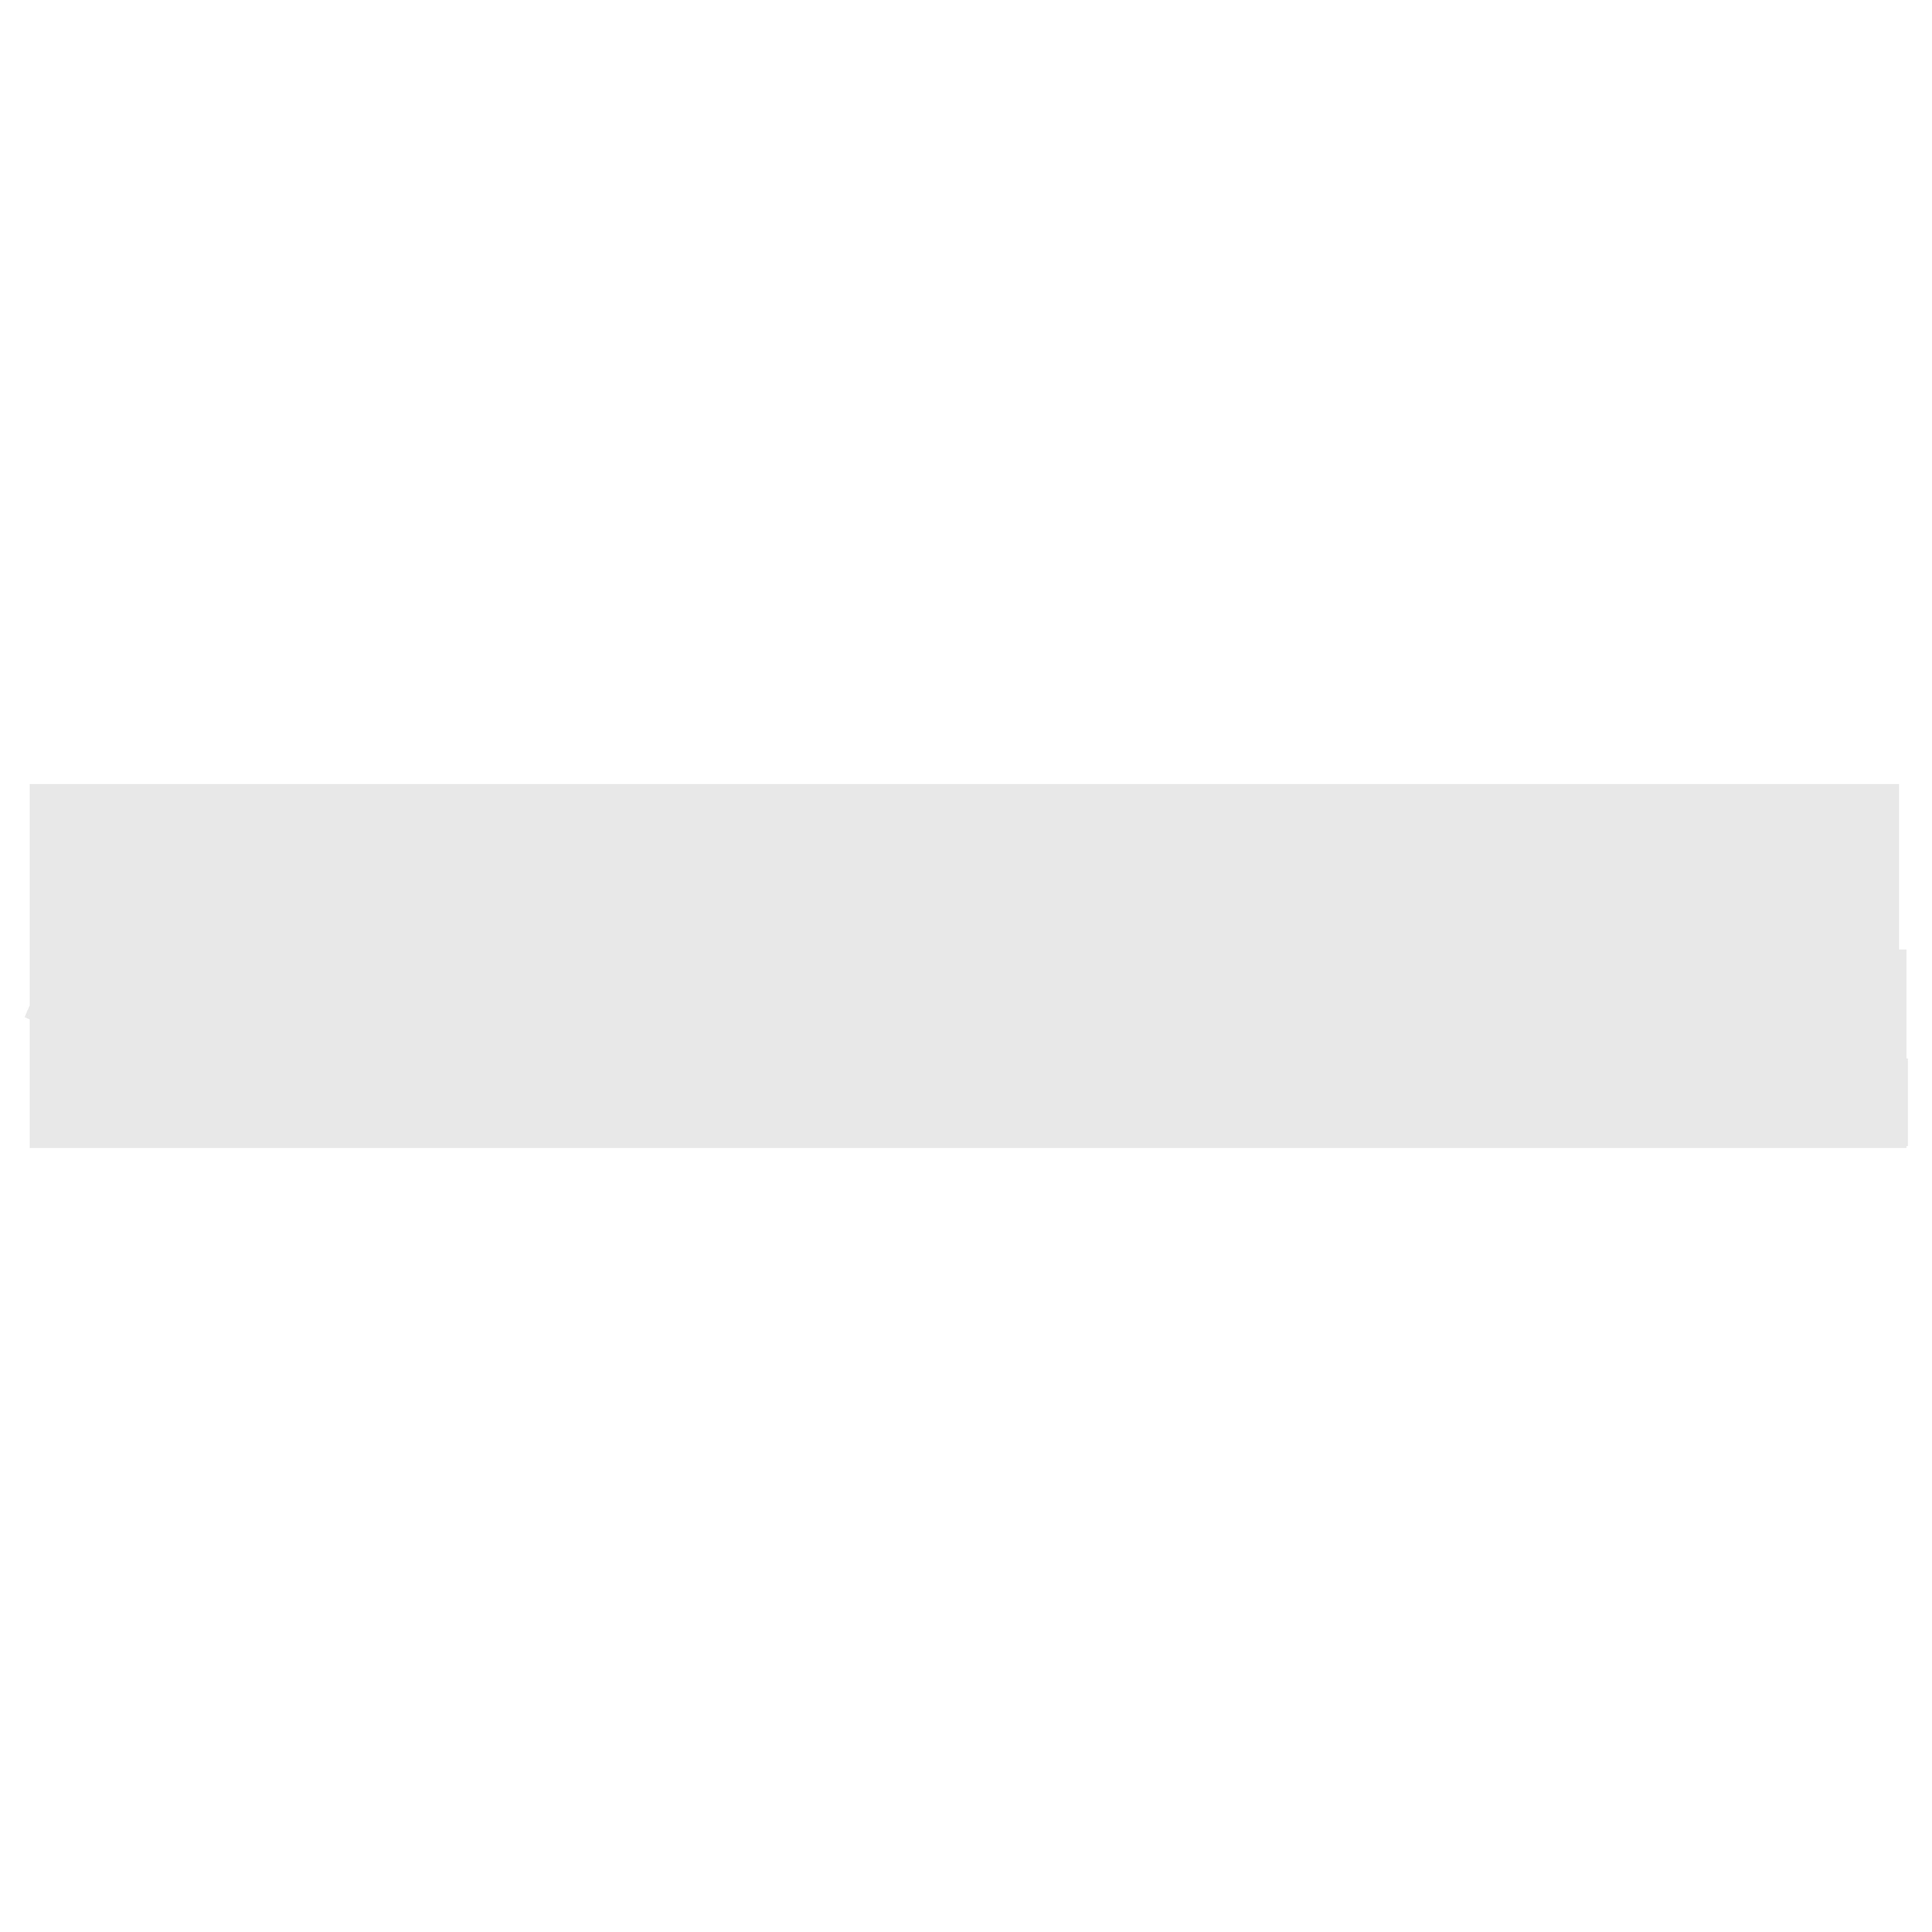 Silverbullet 01 kopi